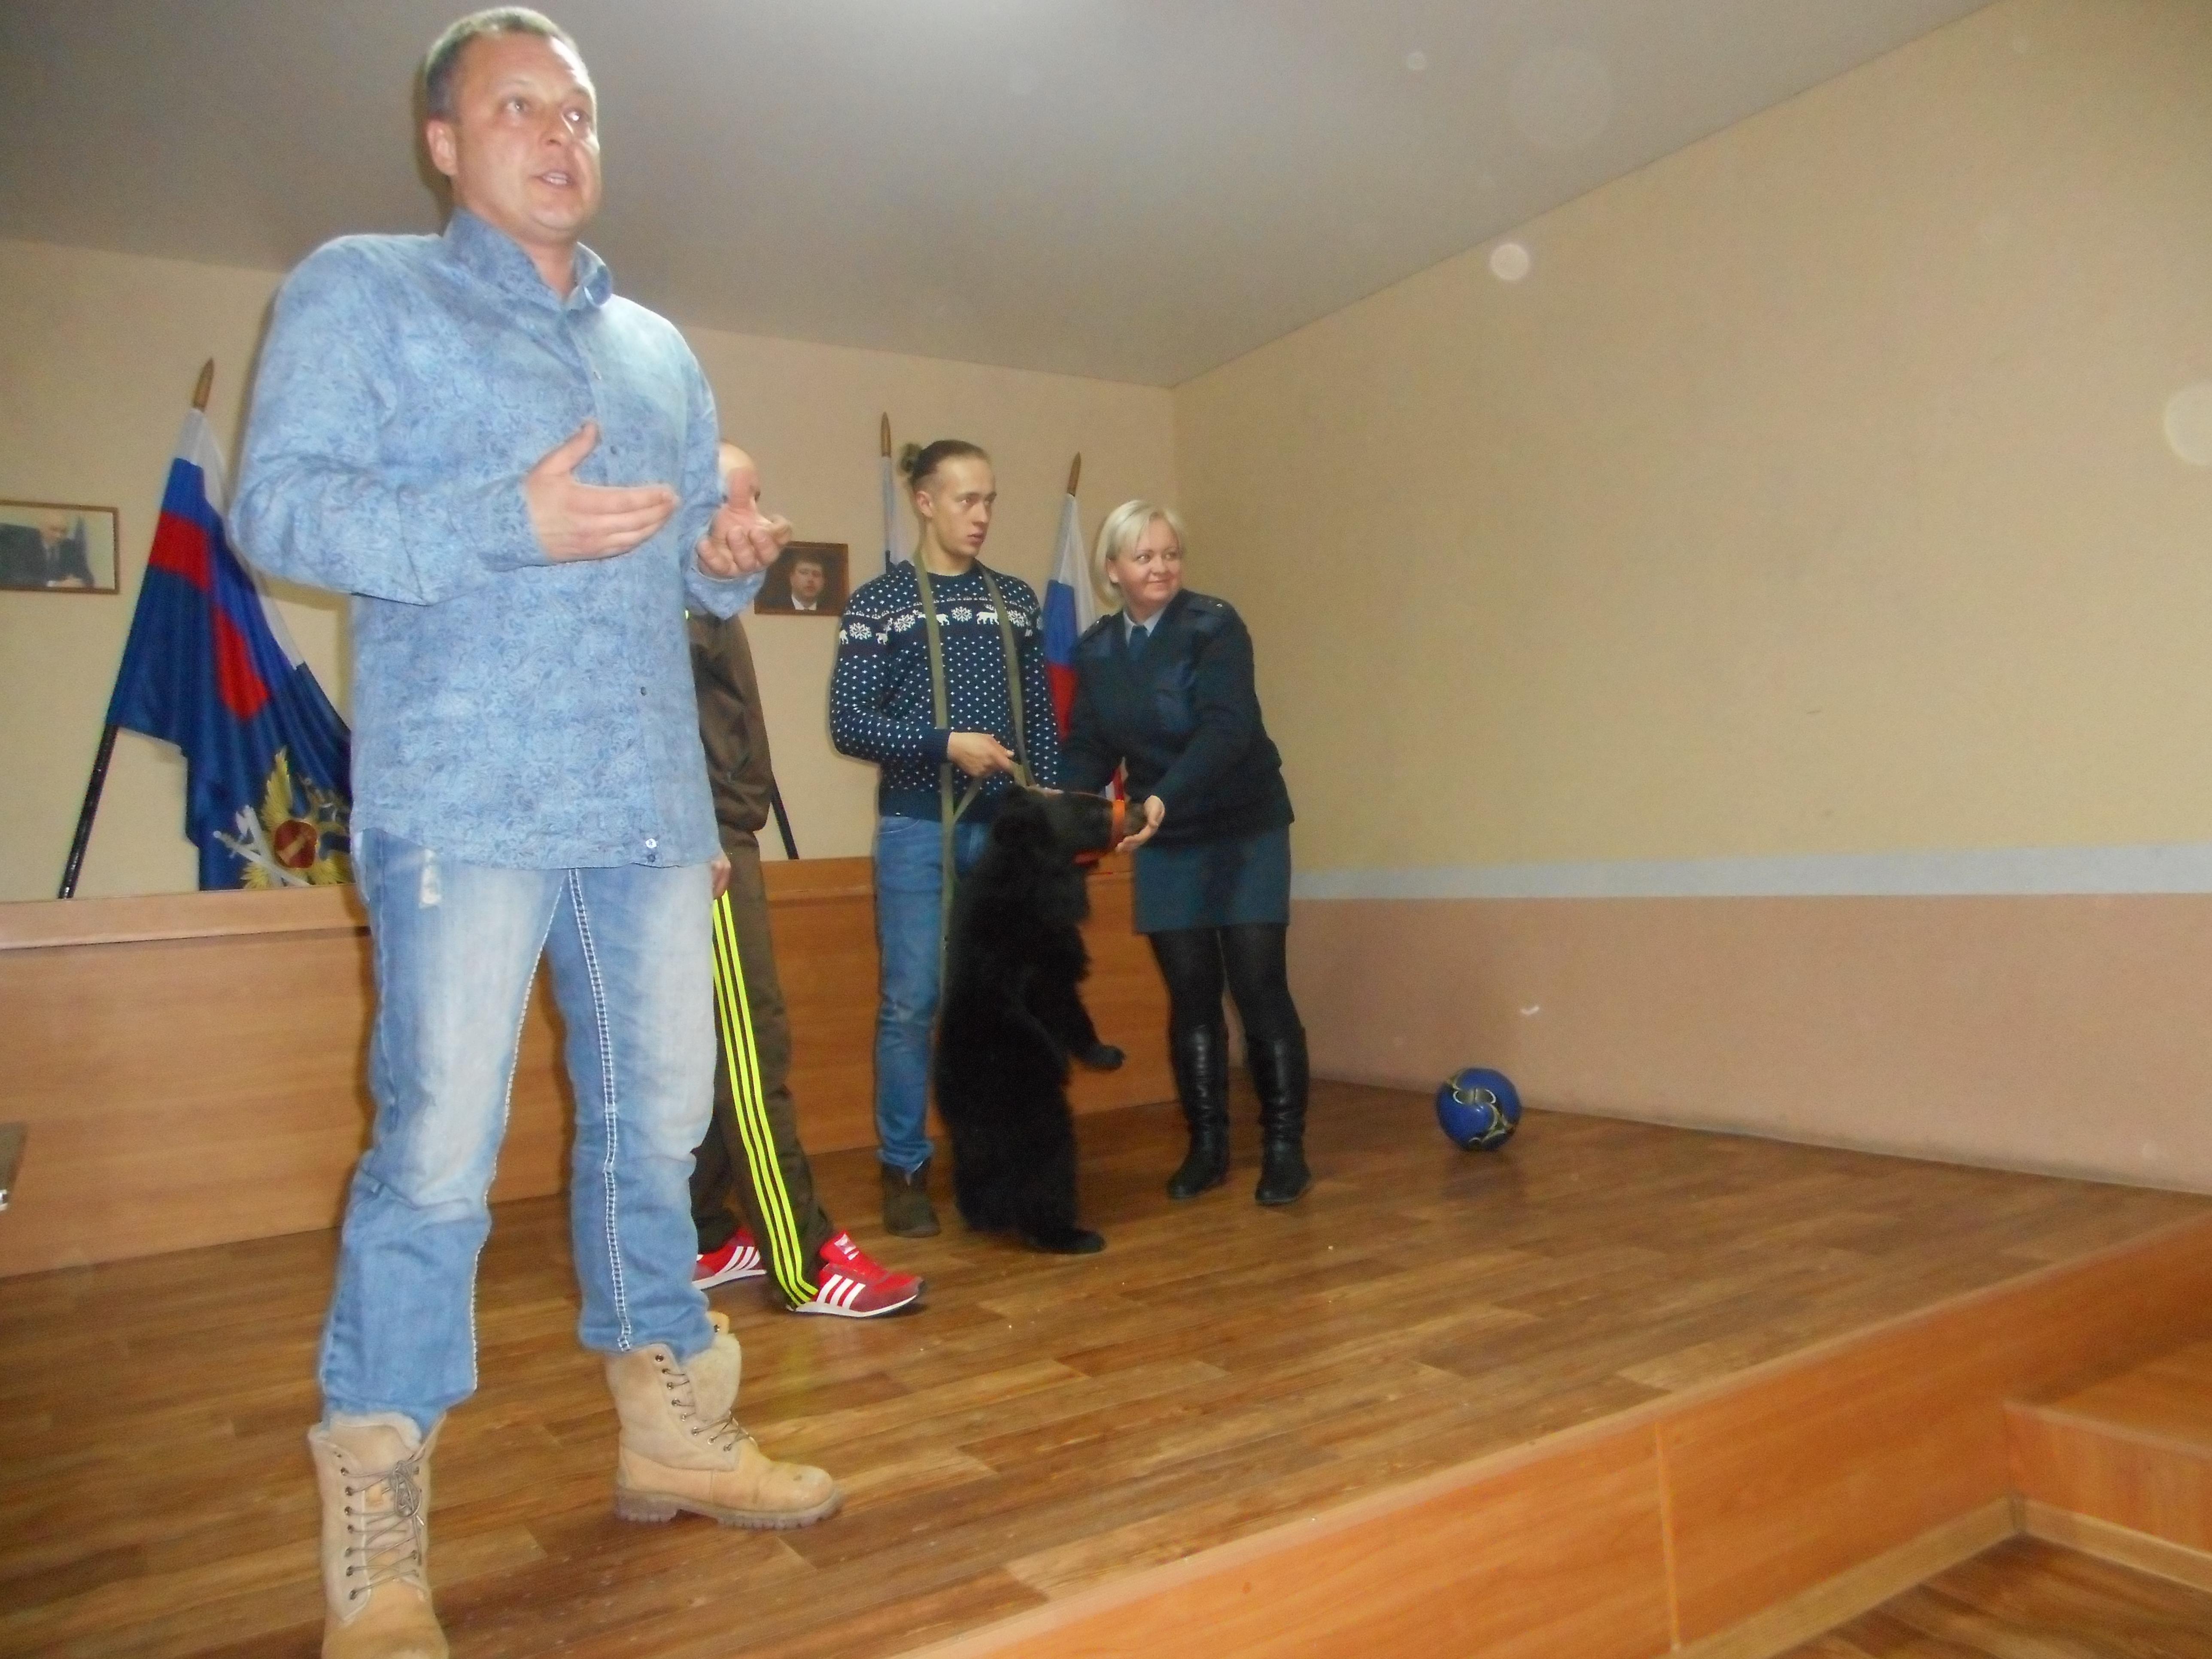 Мстислав Запашный дал мастер-класс по дрессировке сотрудникам Нижнетагильского СИЗО